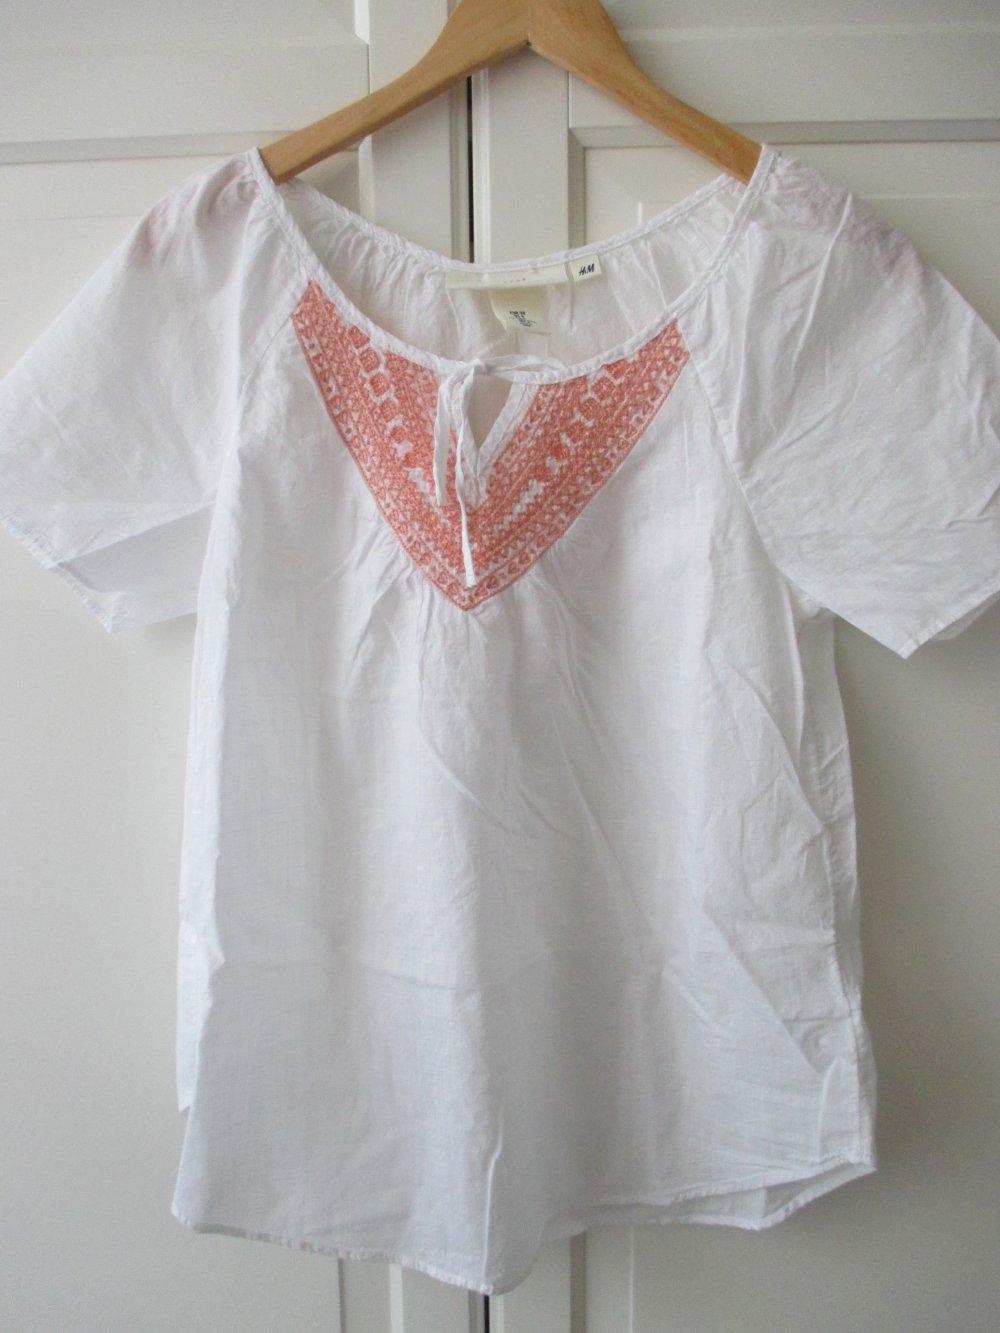 offizieller Preis Vielzahl von Designs und Farben tolle Auswahl H & M ; luftige weiße Tunika mit apricotfarbiger Stickerei, Kurzarm, Gr. 38